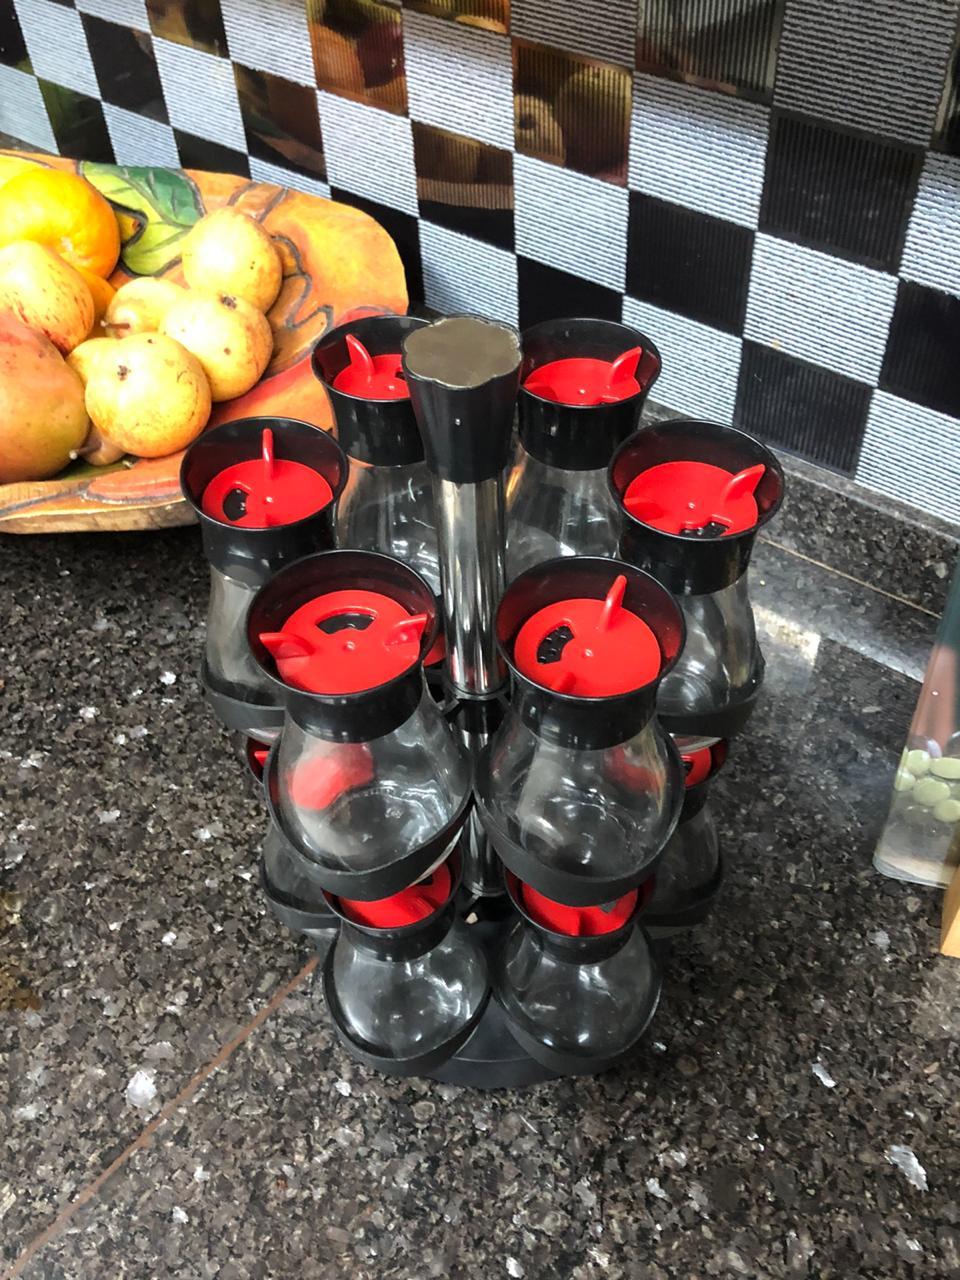 Porta temperos cozinha porta condimentos 12 potes suporte giratório